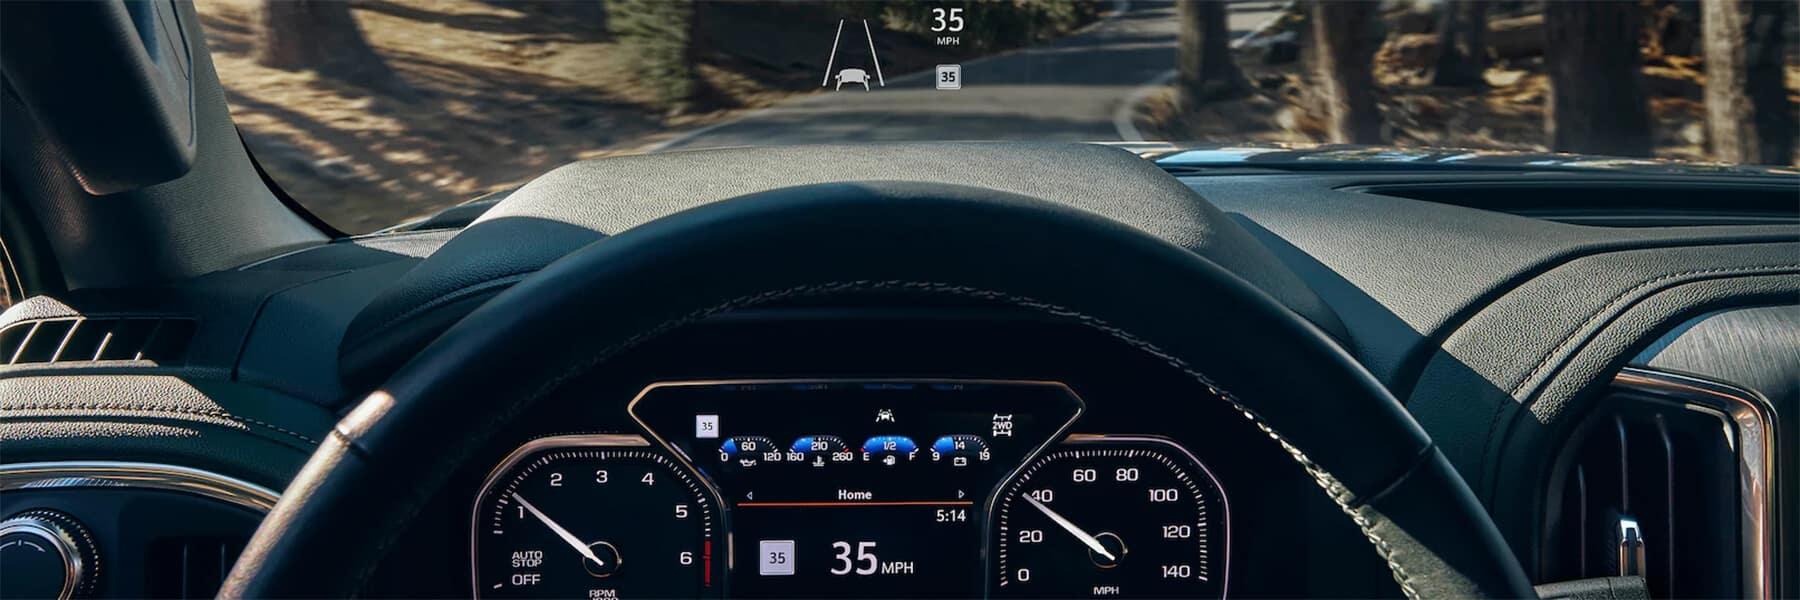 GMC Pro Safety Features Vern Eide GM Slider